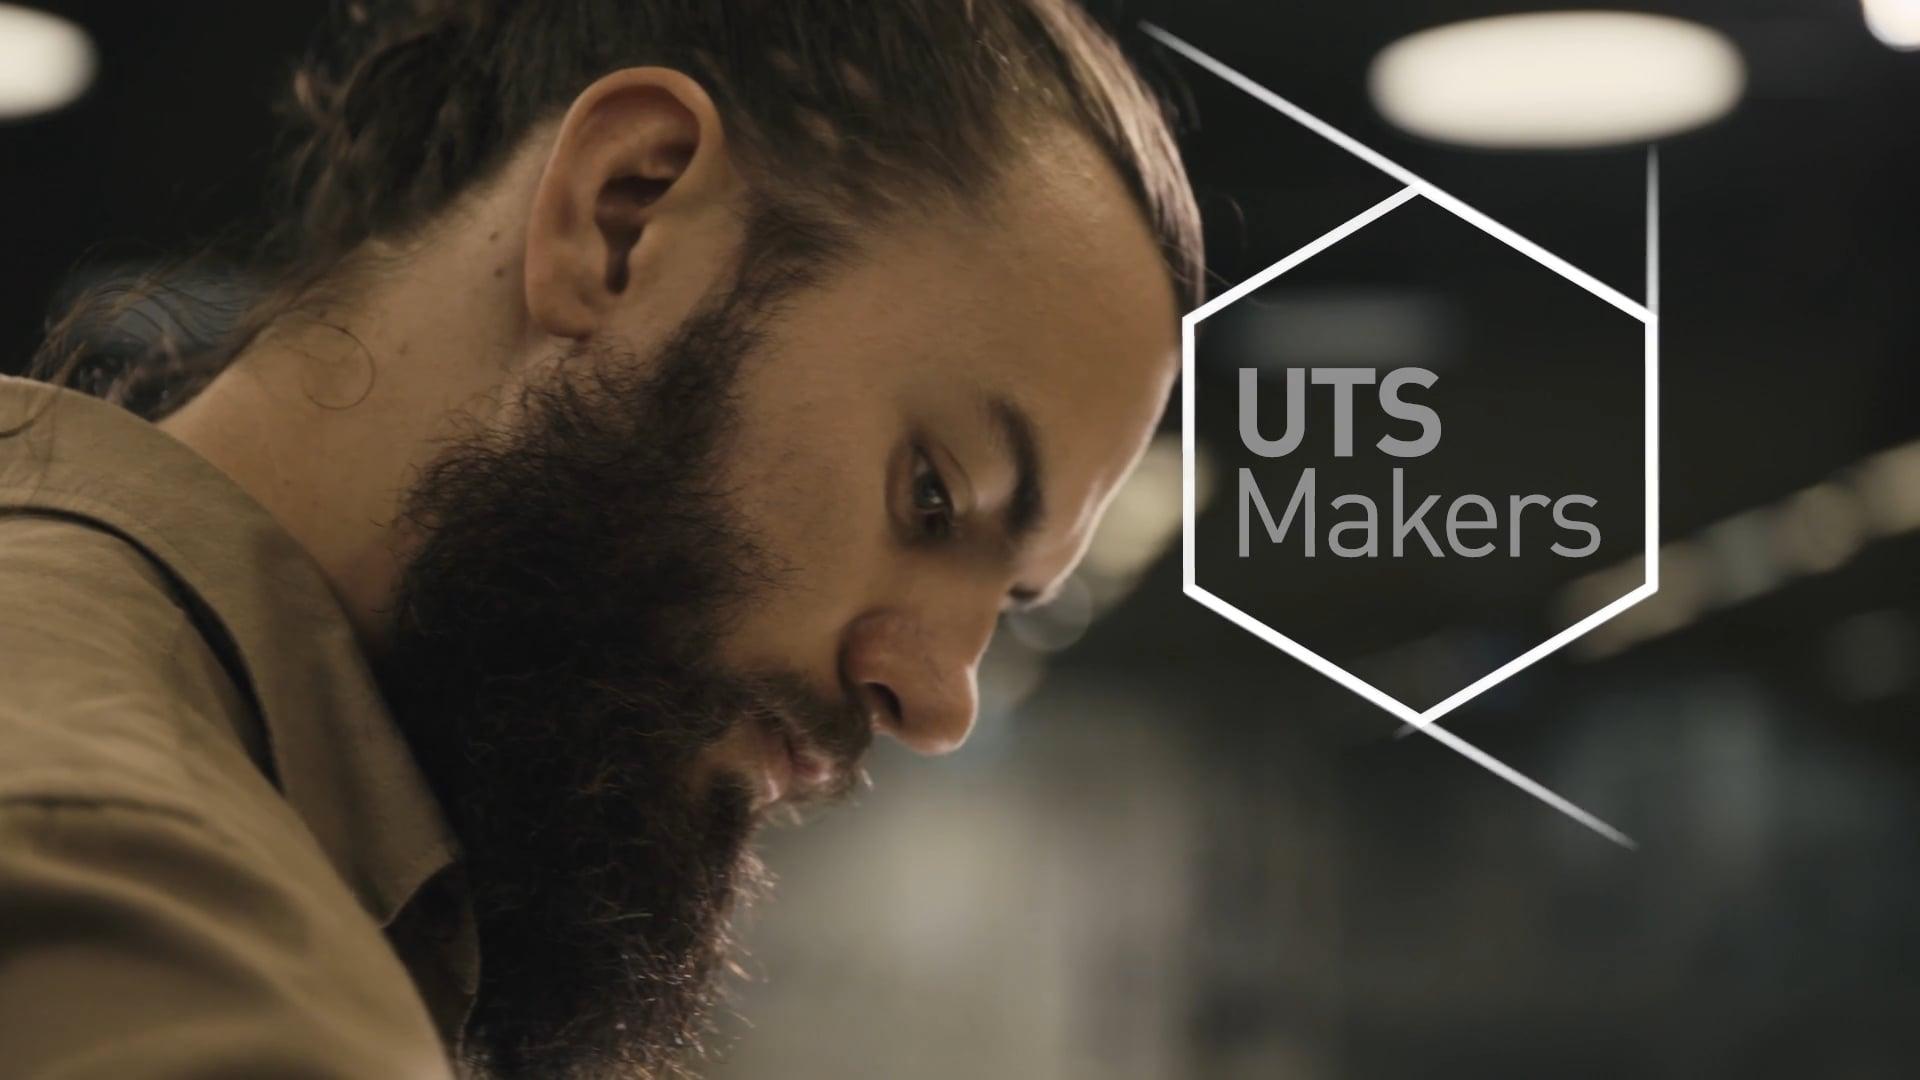 UTS Makers: Mitch Horrocks